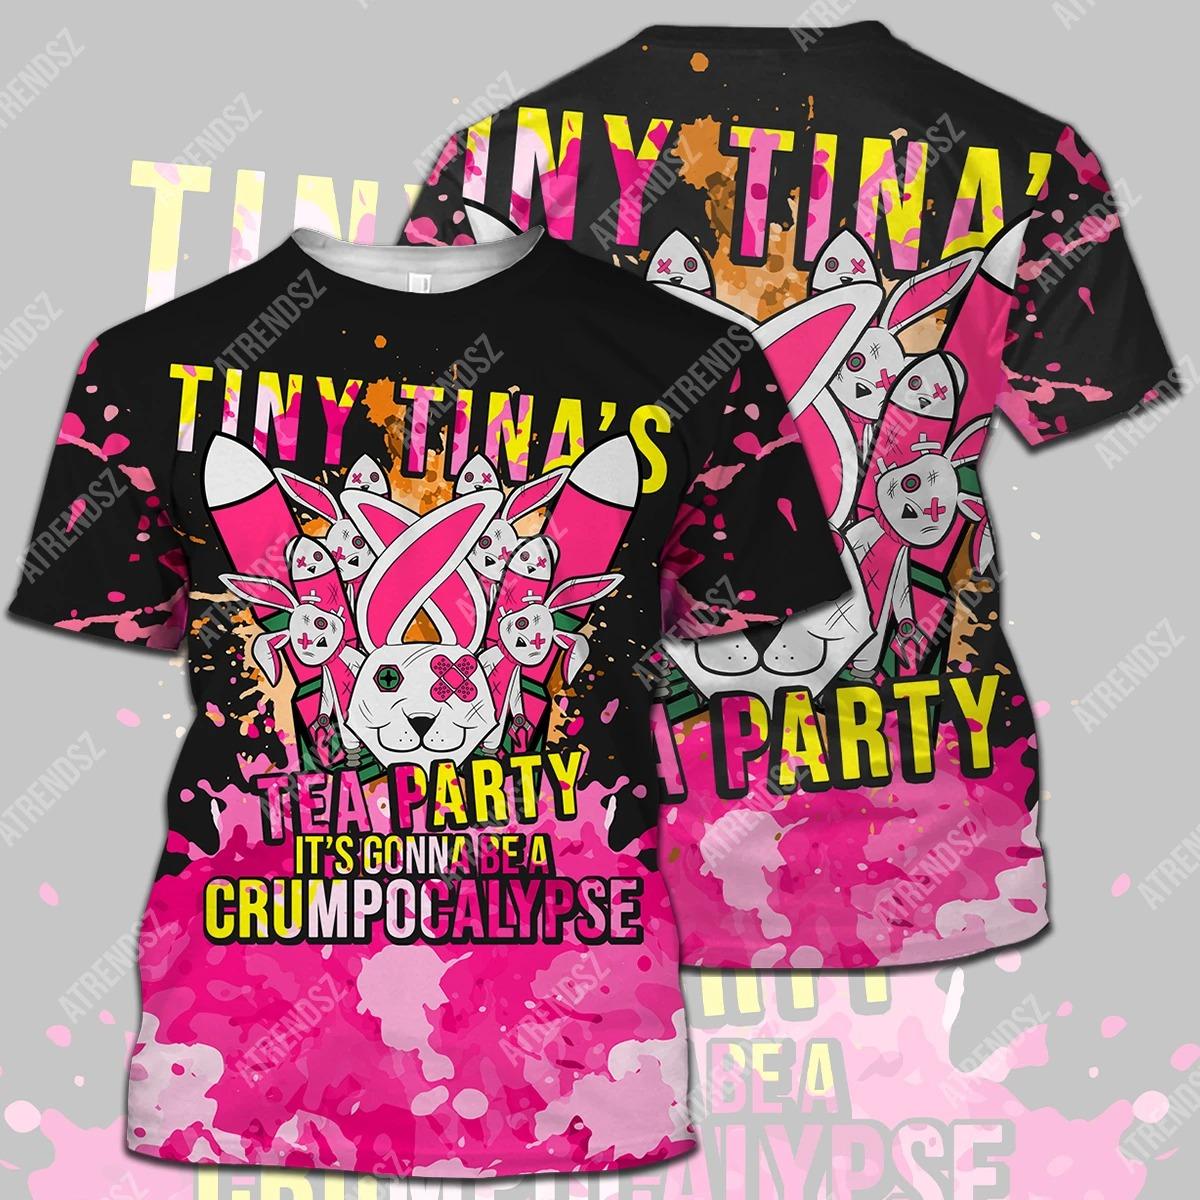 Tiny tina's tea party 3d all over print hoodie, shirt 1